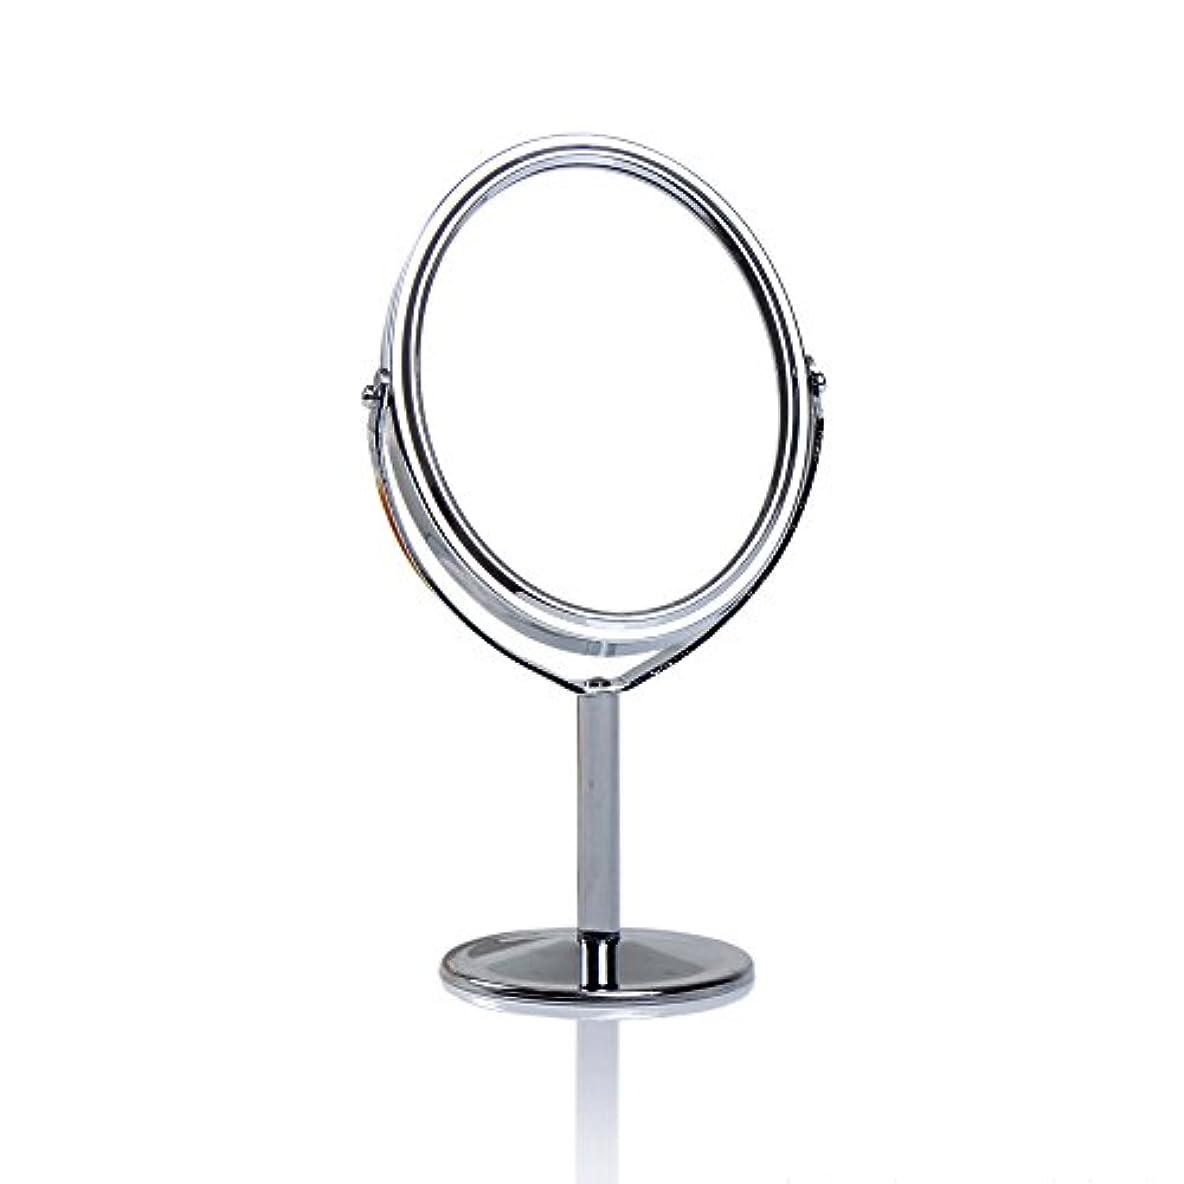 夫ギャンブル直径Dream 化粧鏡 両面 化粧ミラー 美容鏡 卓上鏡 浴室鏡 女優ミラー 防水 (B)